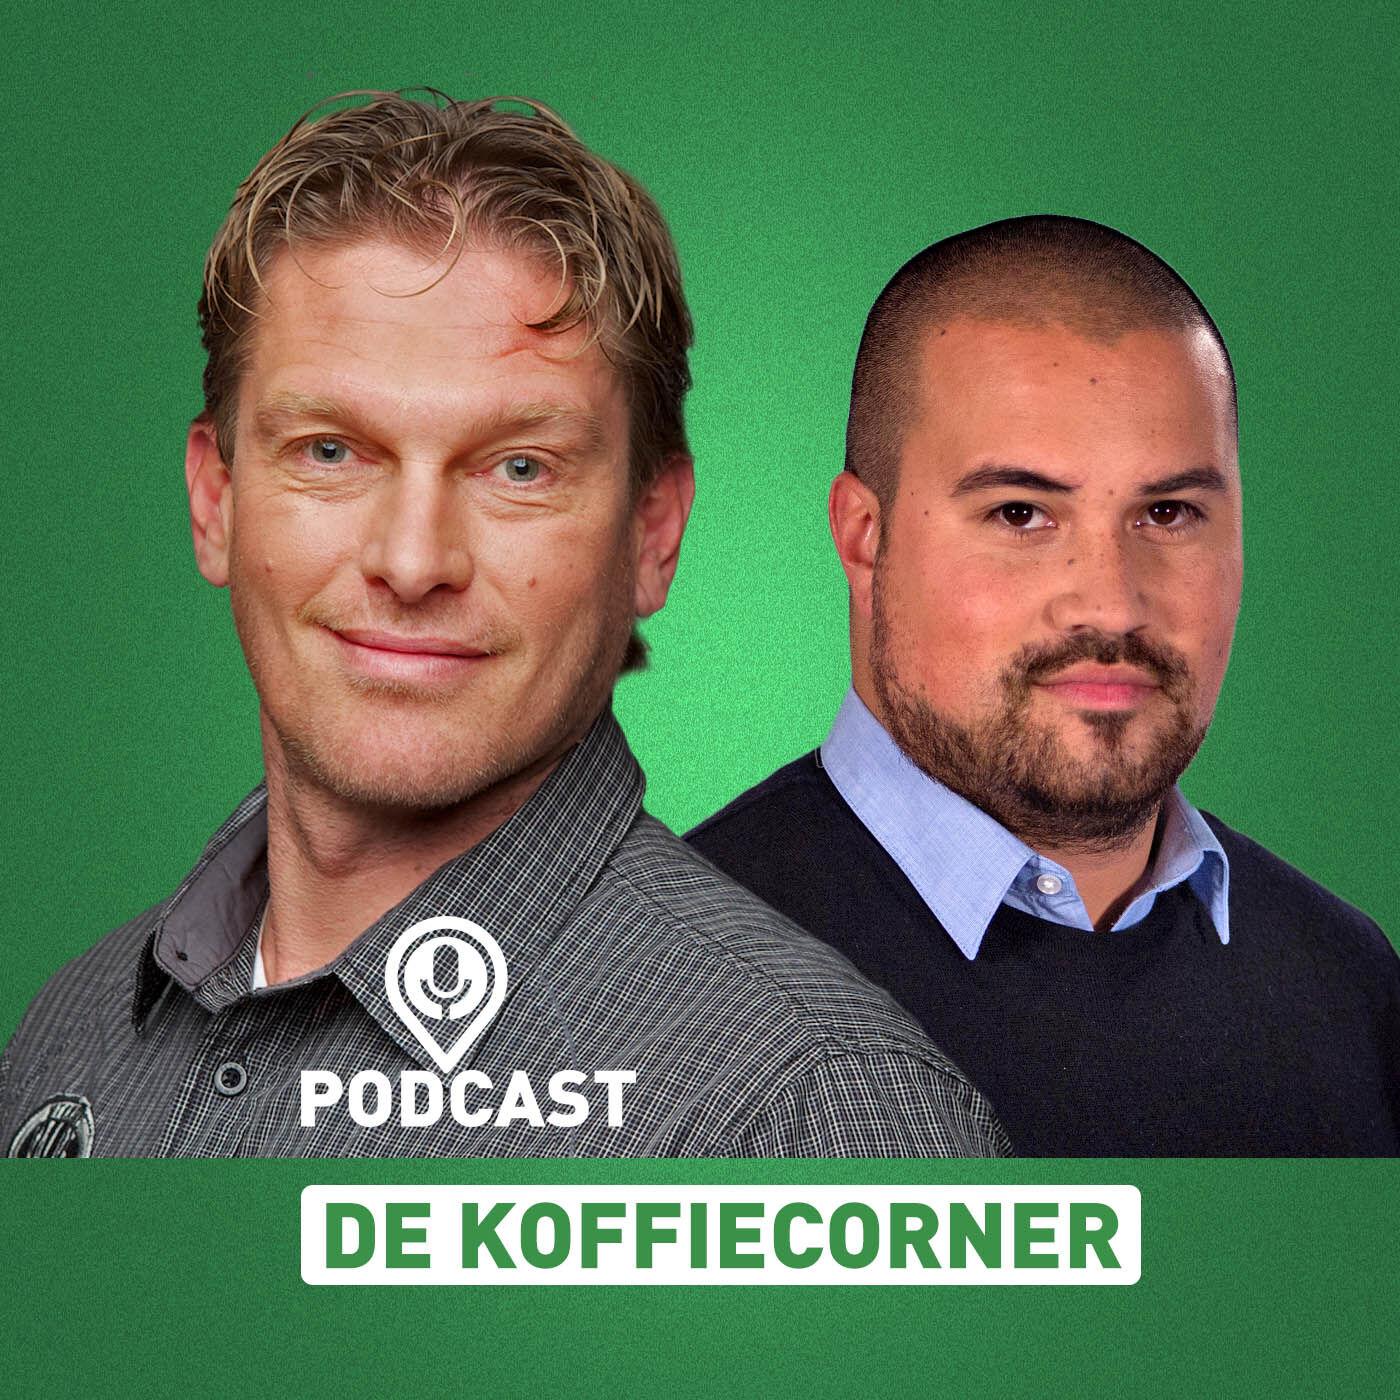 """De Koffiecorner #50 (met Arie Haan): """"FC Groningen speelt helemaal niet zo slecht, echt niet"""""""